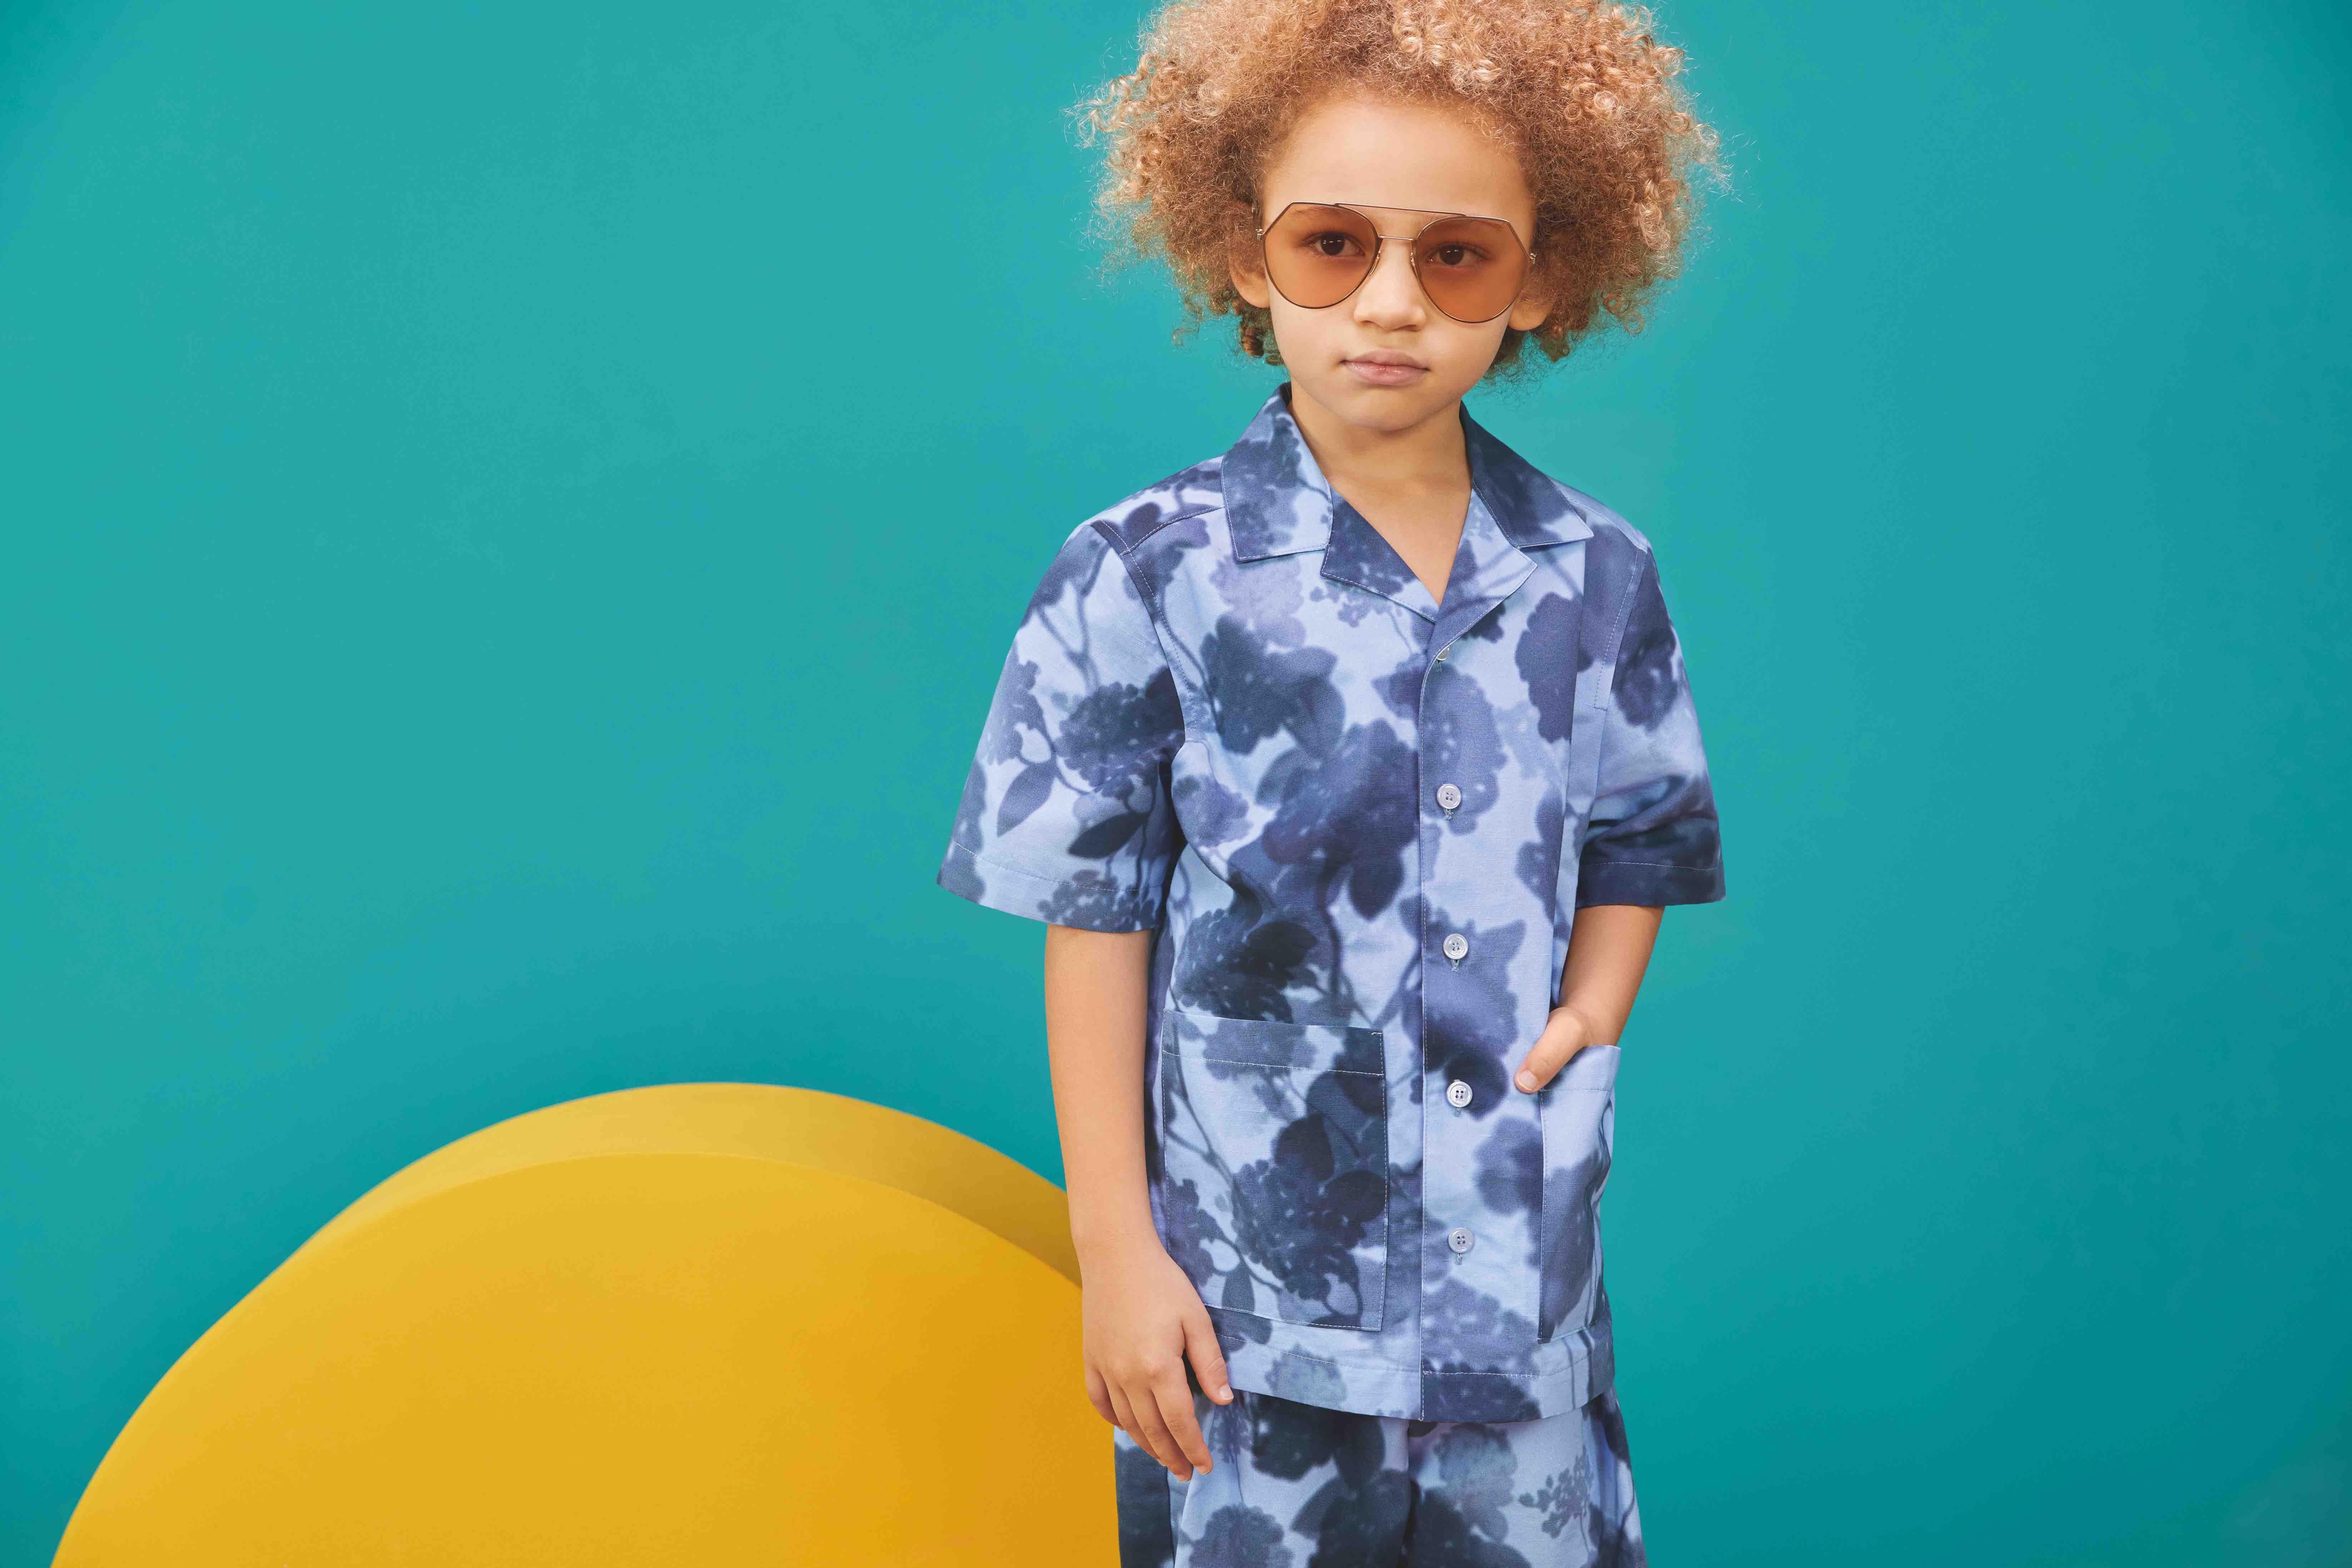 La nueva colección kids de FENDI está llena de colores y siluetas que enamoran no sólo a los niños